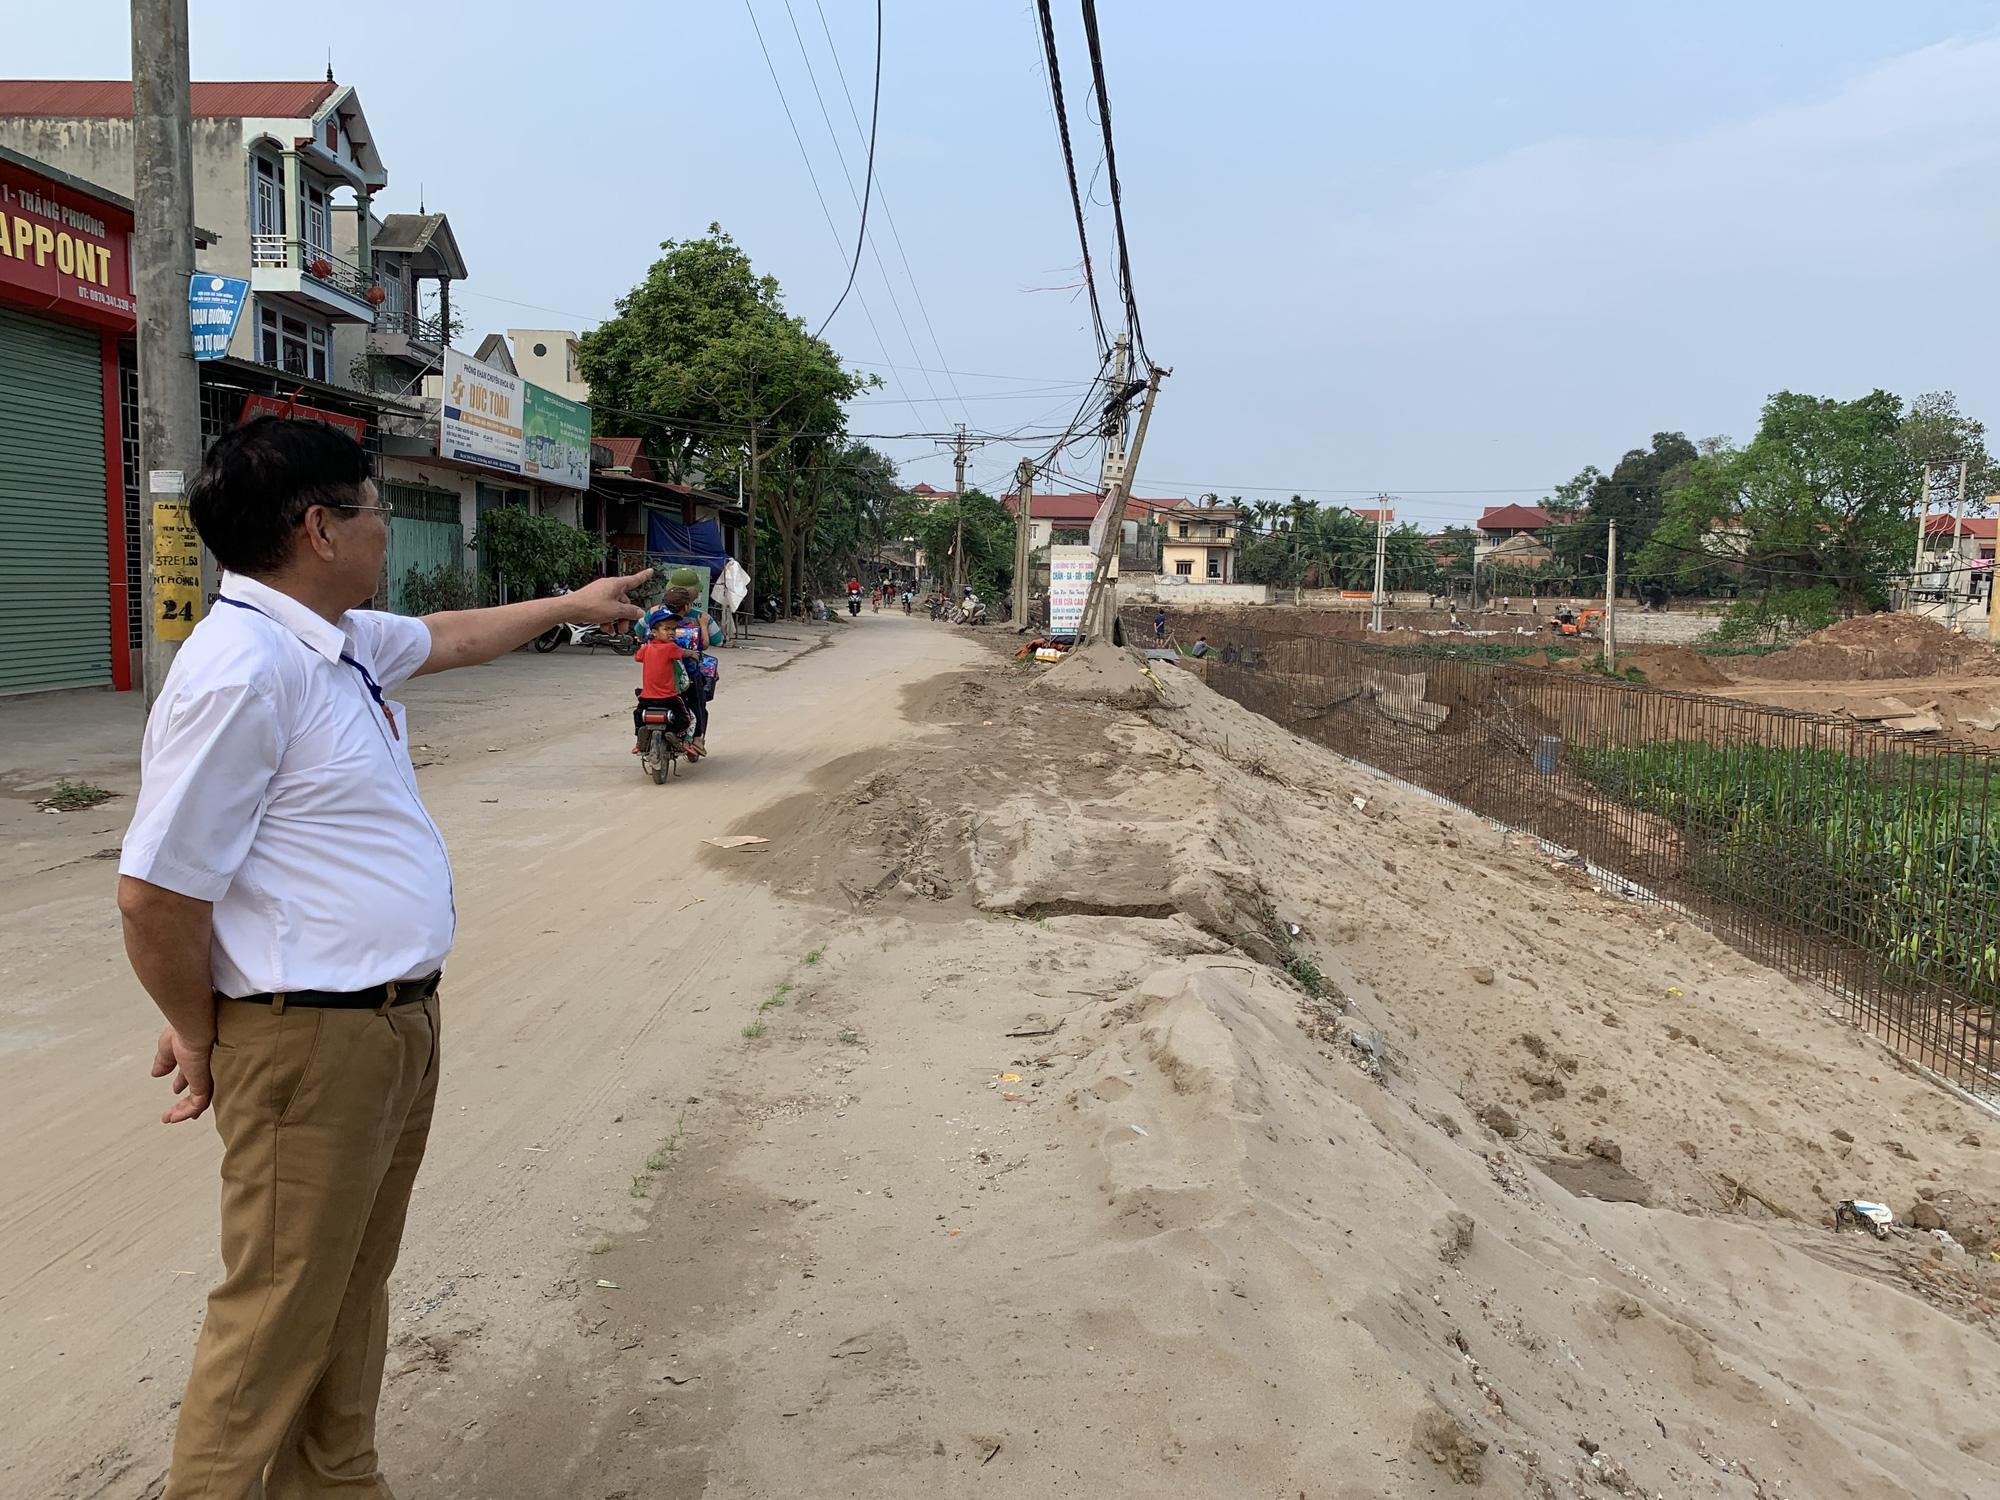 Tản Hồng Ba Vì: Đạt nhiều kết quả trong xây dựng nông thôn mới nâng cao, thôn kiểu mẫu - Ảnh 2.